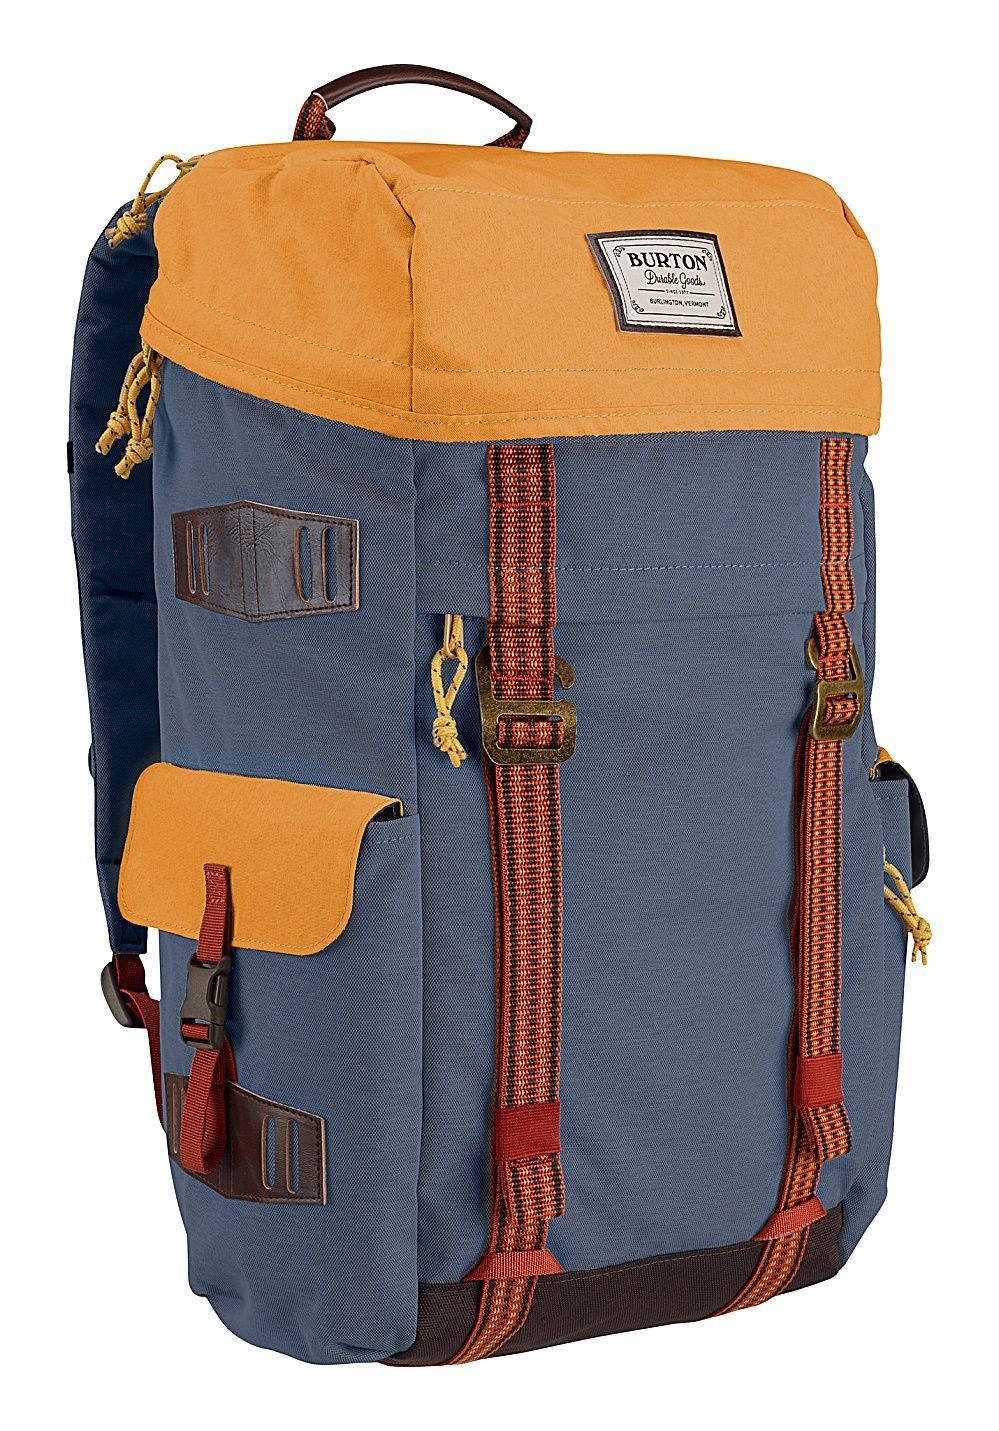 Burton Annex Rucksack, Burton rucksack, Wolle kaufen